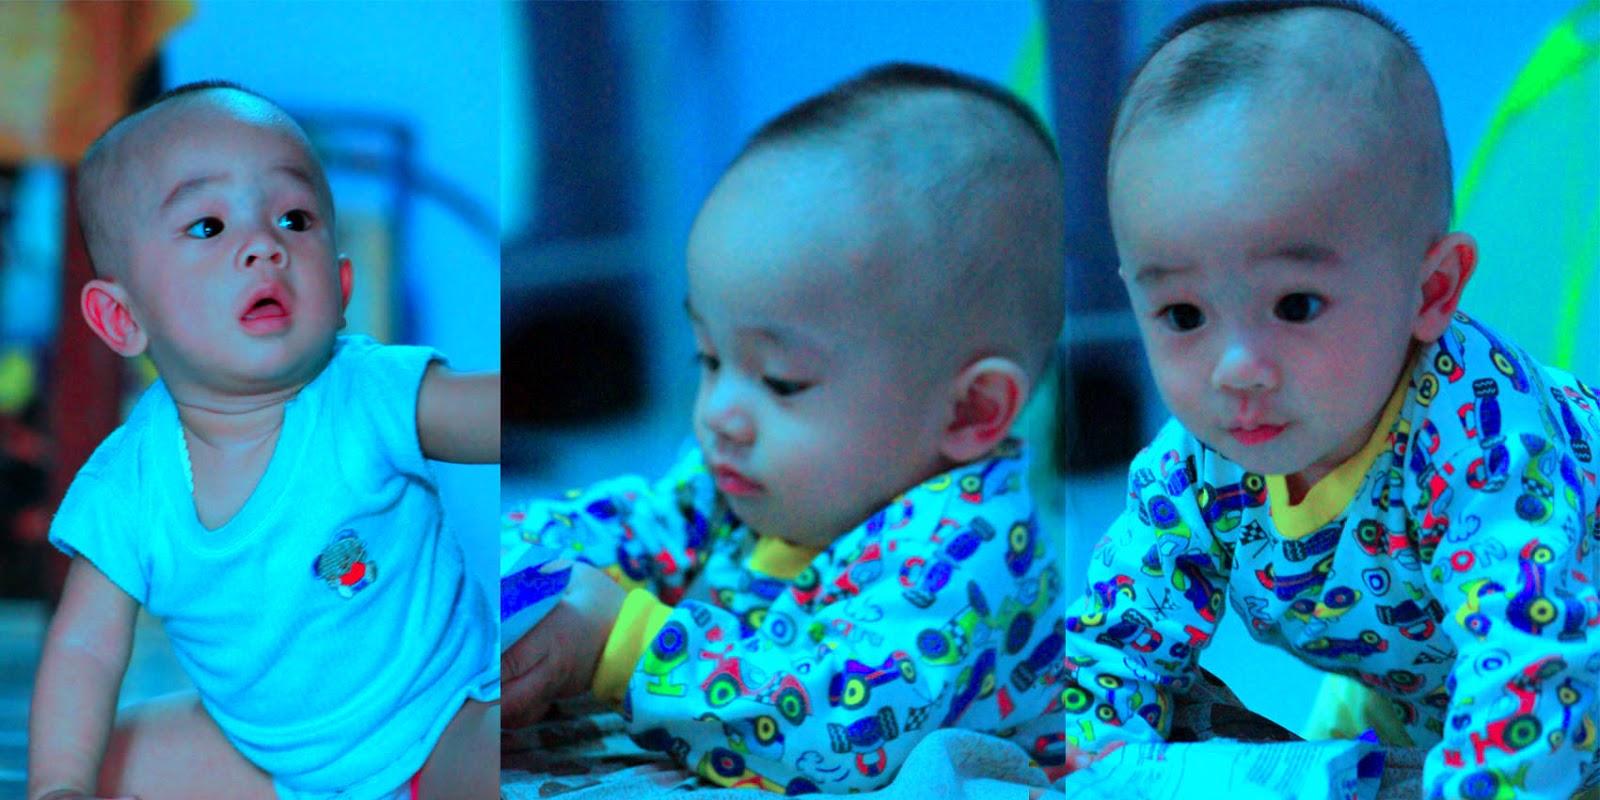 Kumpulan Foto Bayi Lucu Ganteng Cantik Imut Chubby Uberbagi